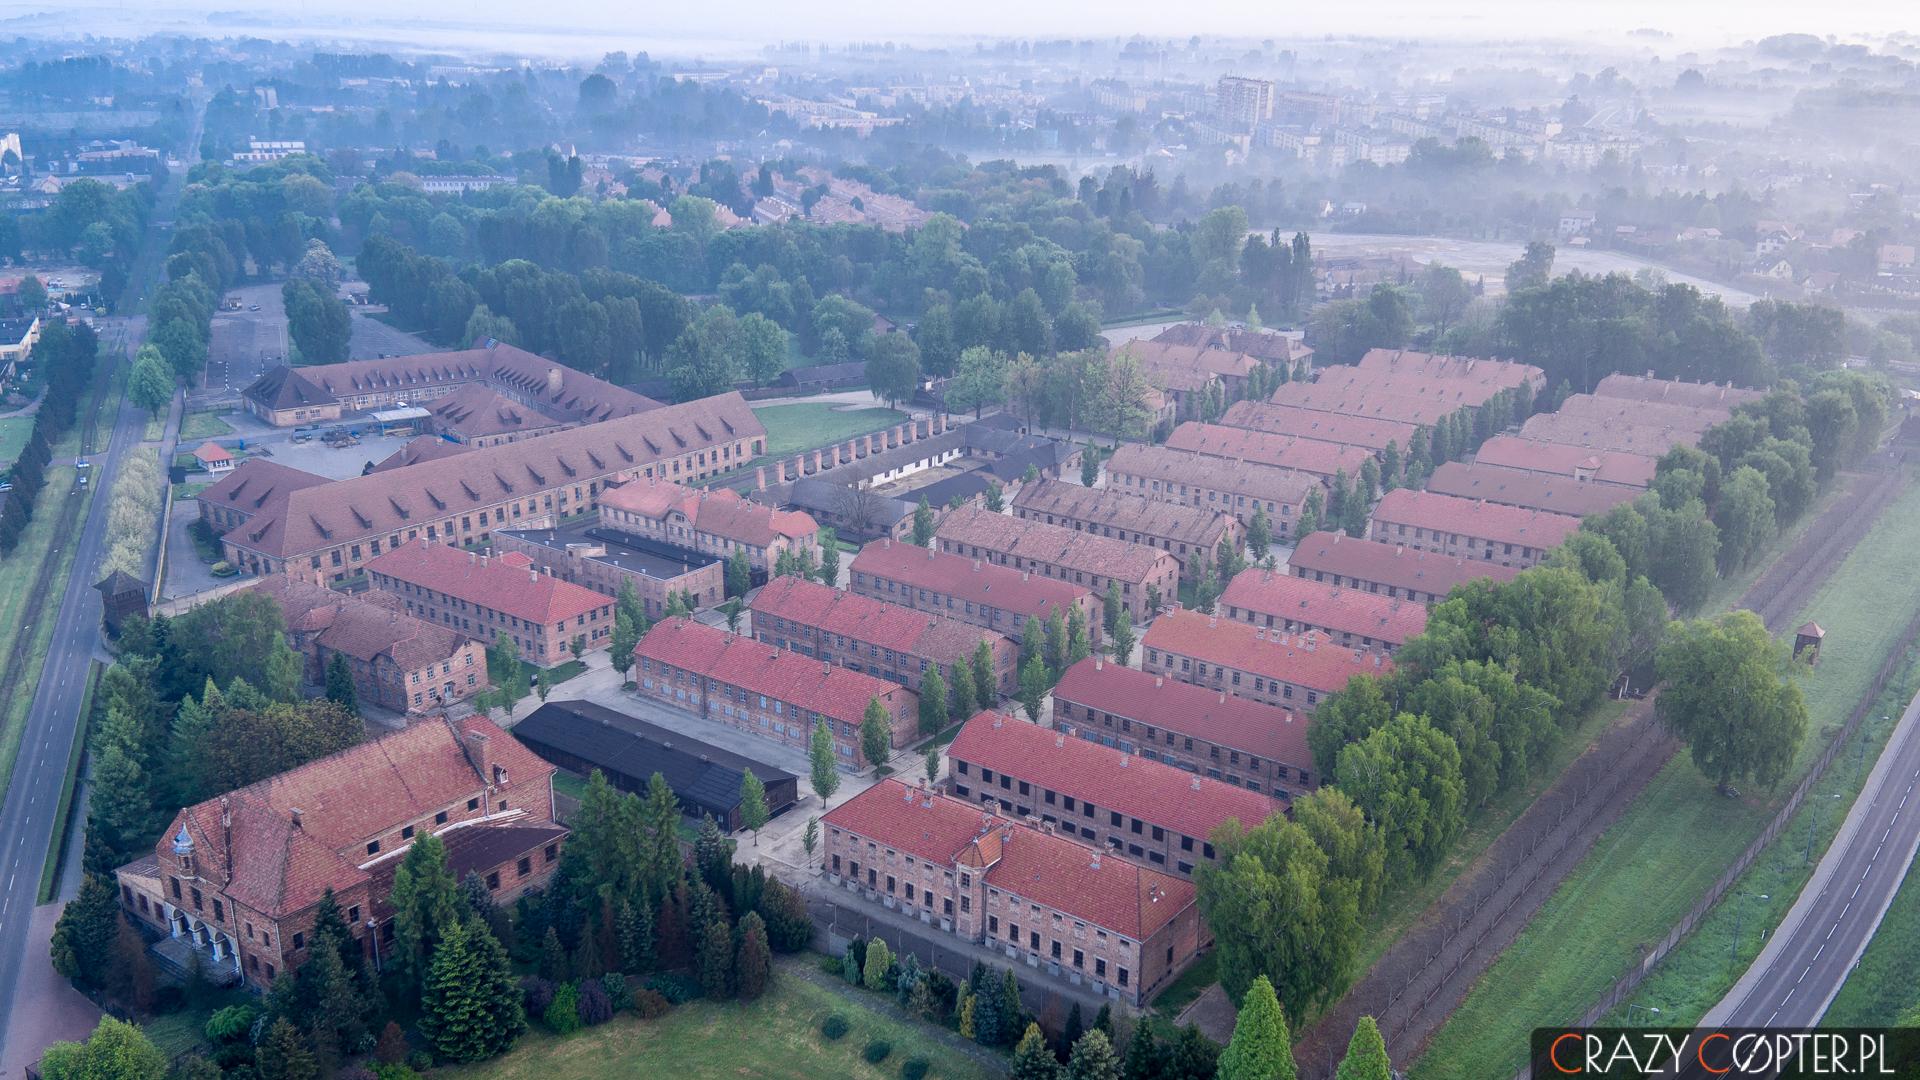 Widok zgóry naobóz koncentracyjny Auschwitz - zdjęcie zdrona